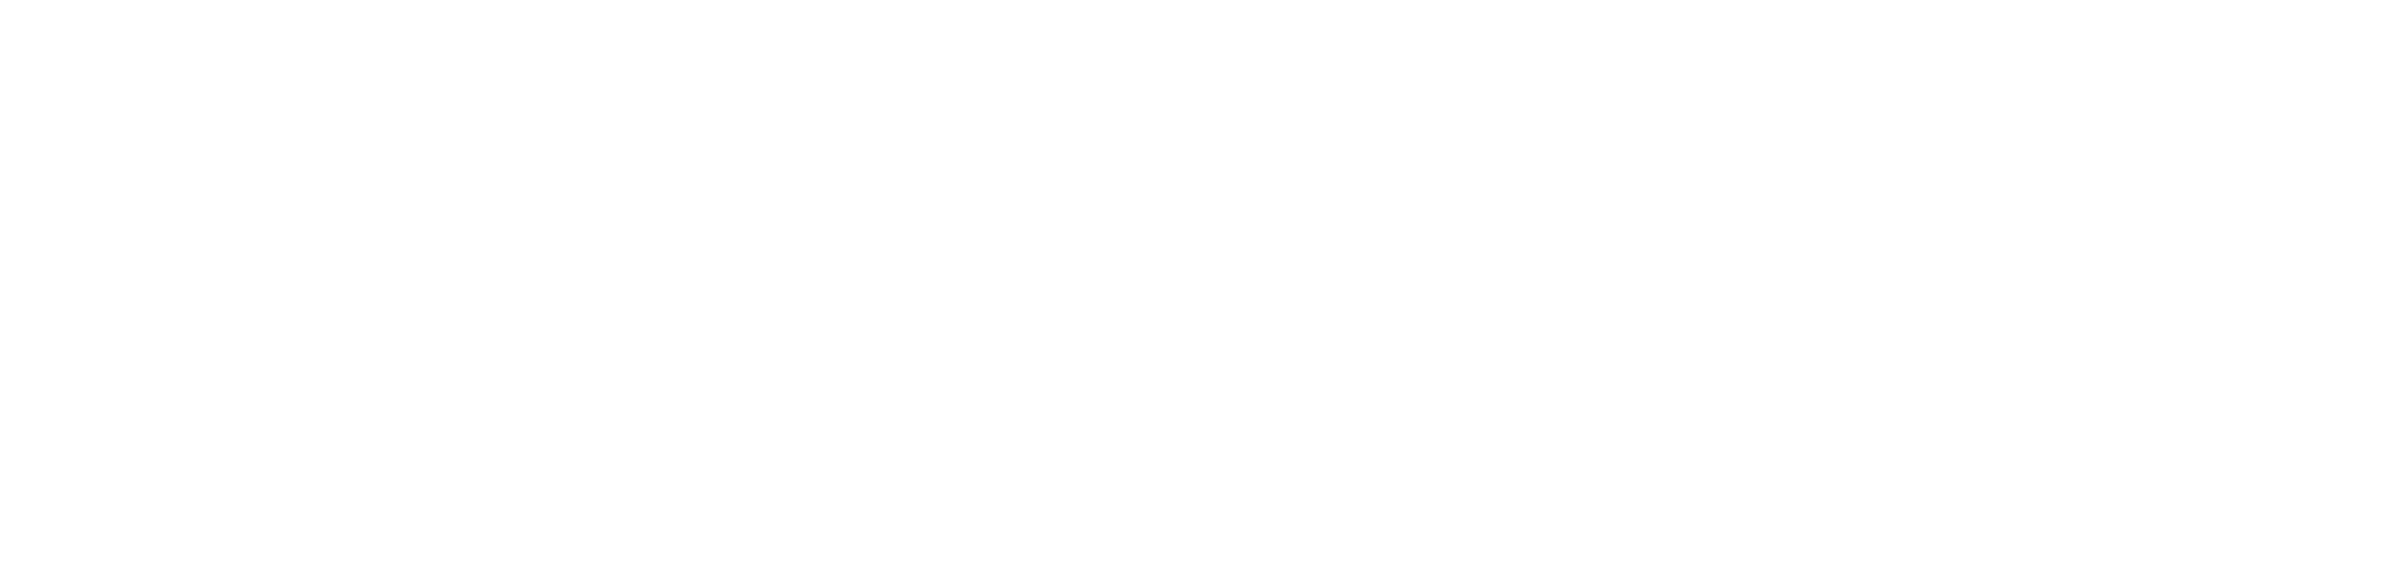 ccpdt-logo-white-lg.png